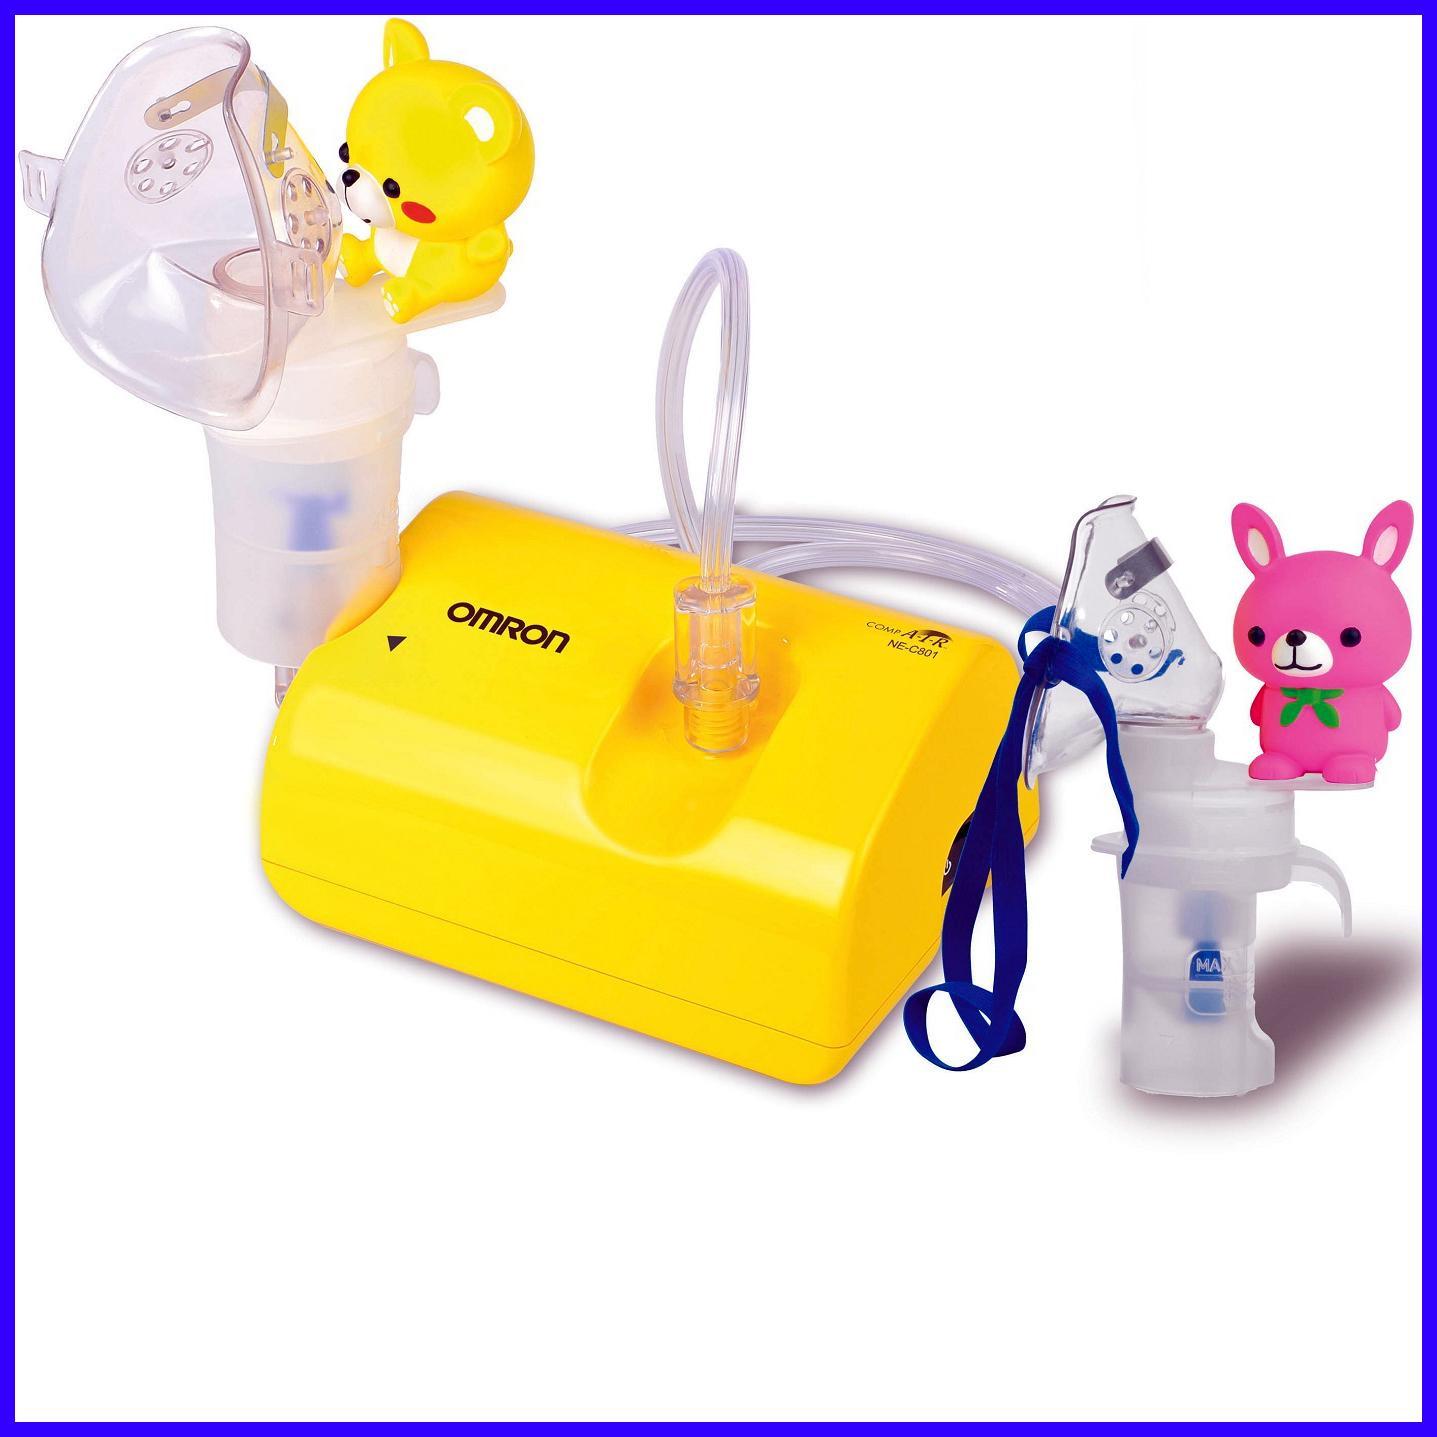 Máy xông mũi họng nén khí OMRON dành cho trẻ em NE-C801KD (NHẬT BẢN) BẢO HÀNH 2 NĂM